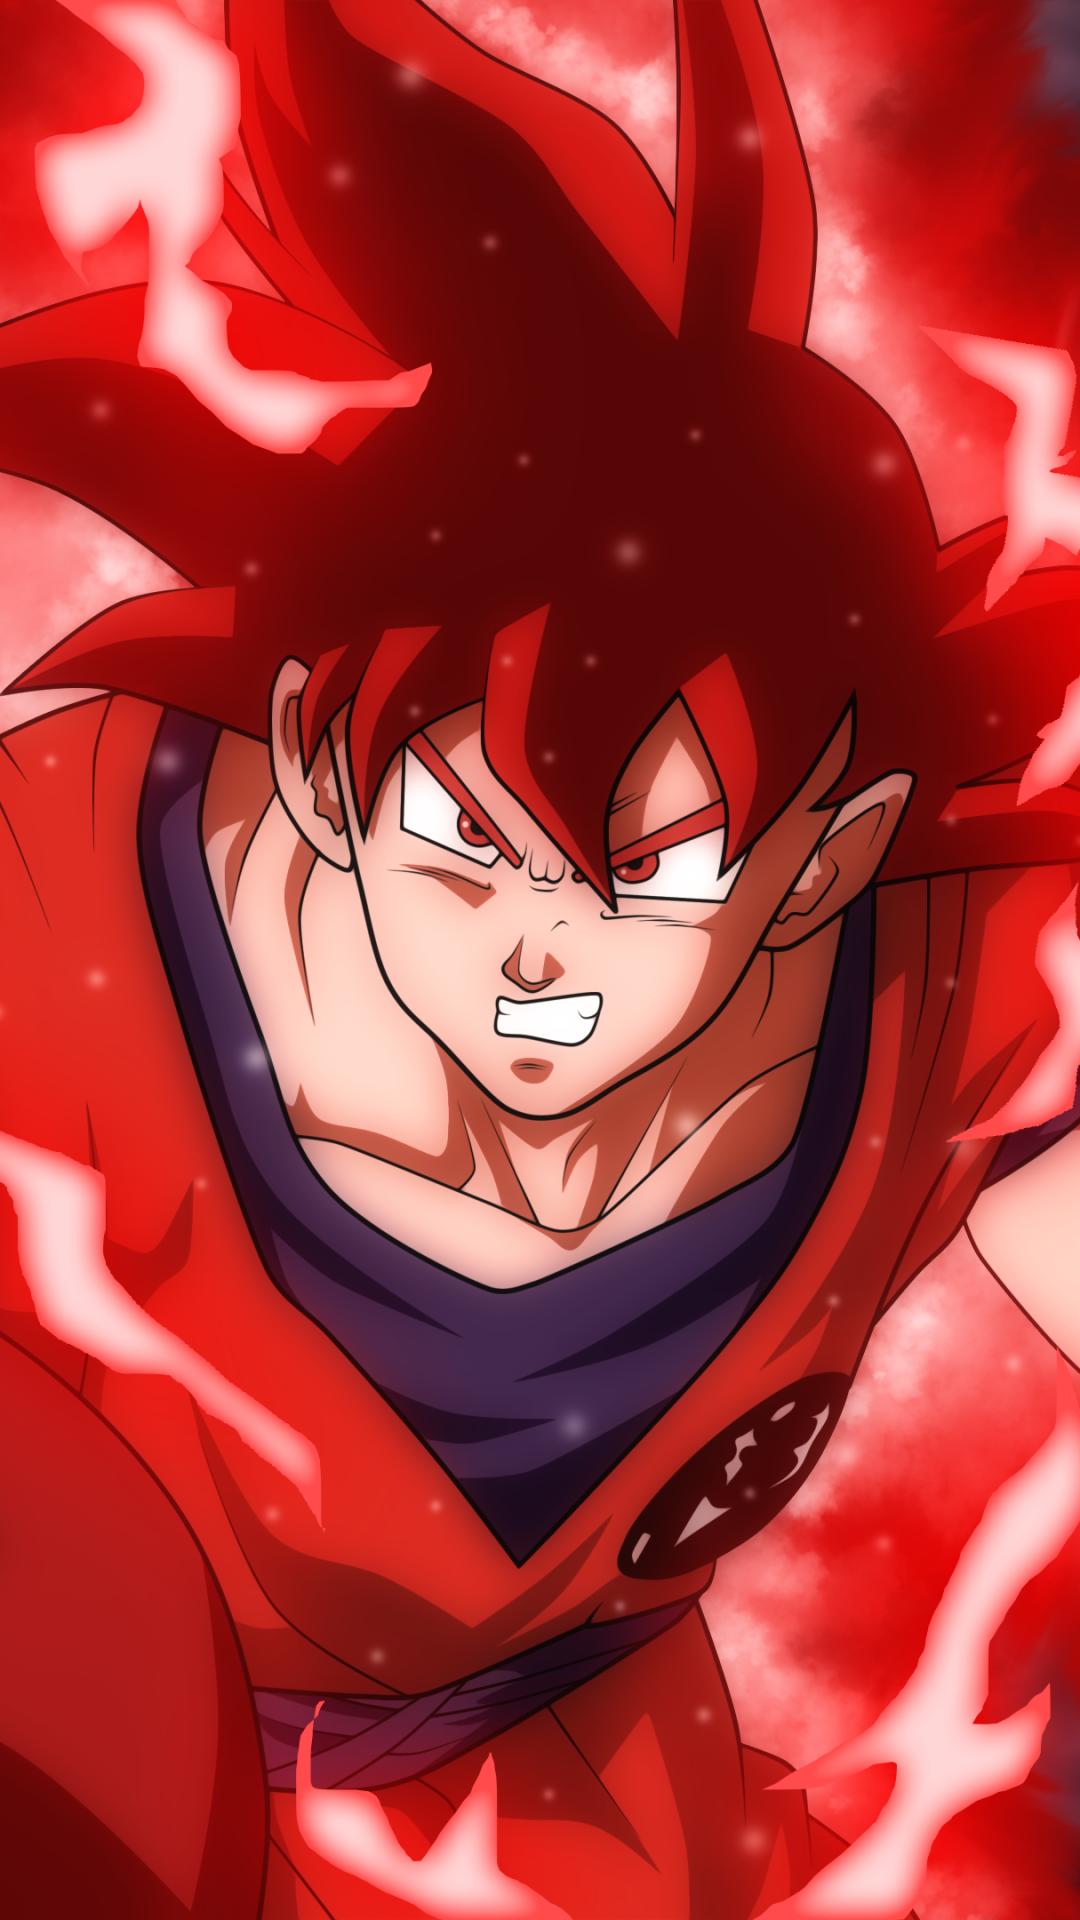 Goku Meeting Bardock Wallpaper Anime Dragon Ball Super Dragon Ball Wallpapers Anime Dragon Ball